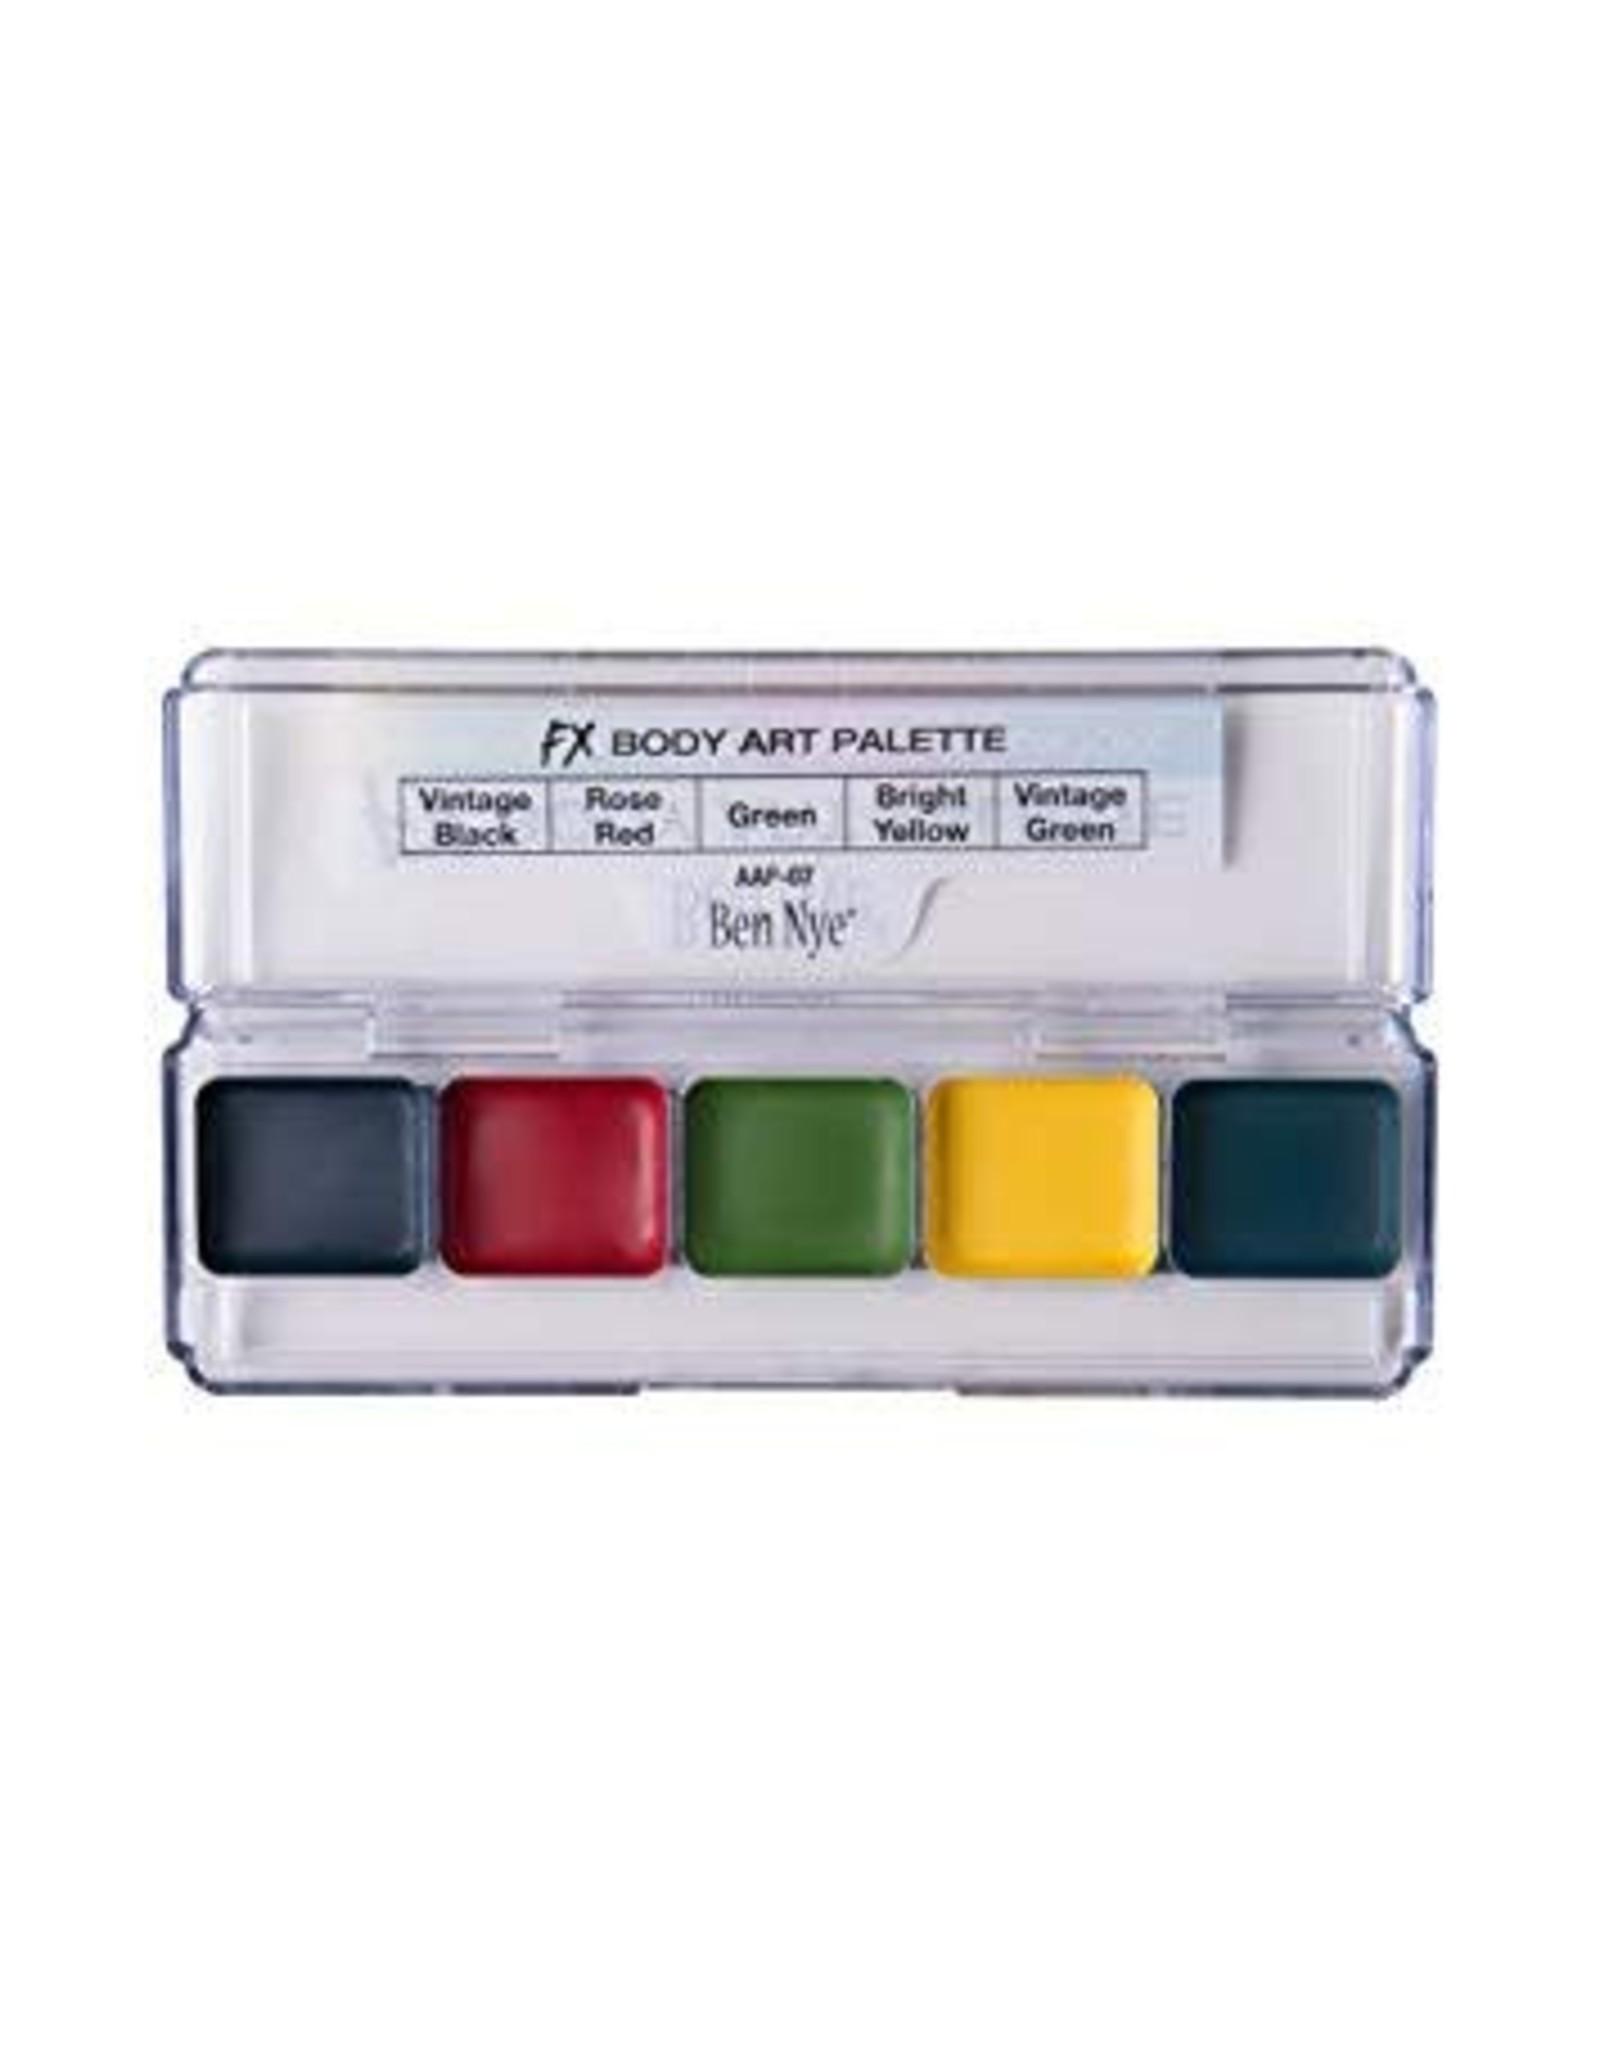 Ben Nye Ben Nye Alcohol Palettes